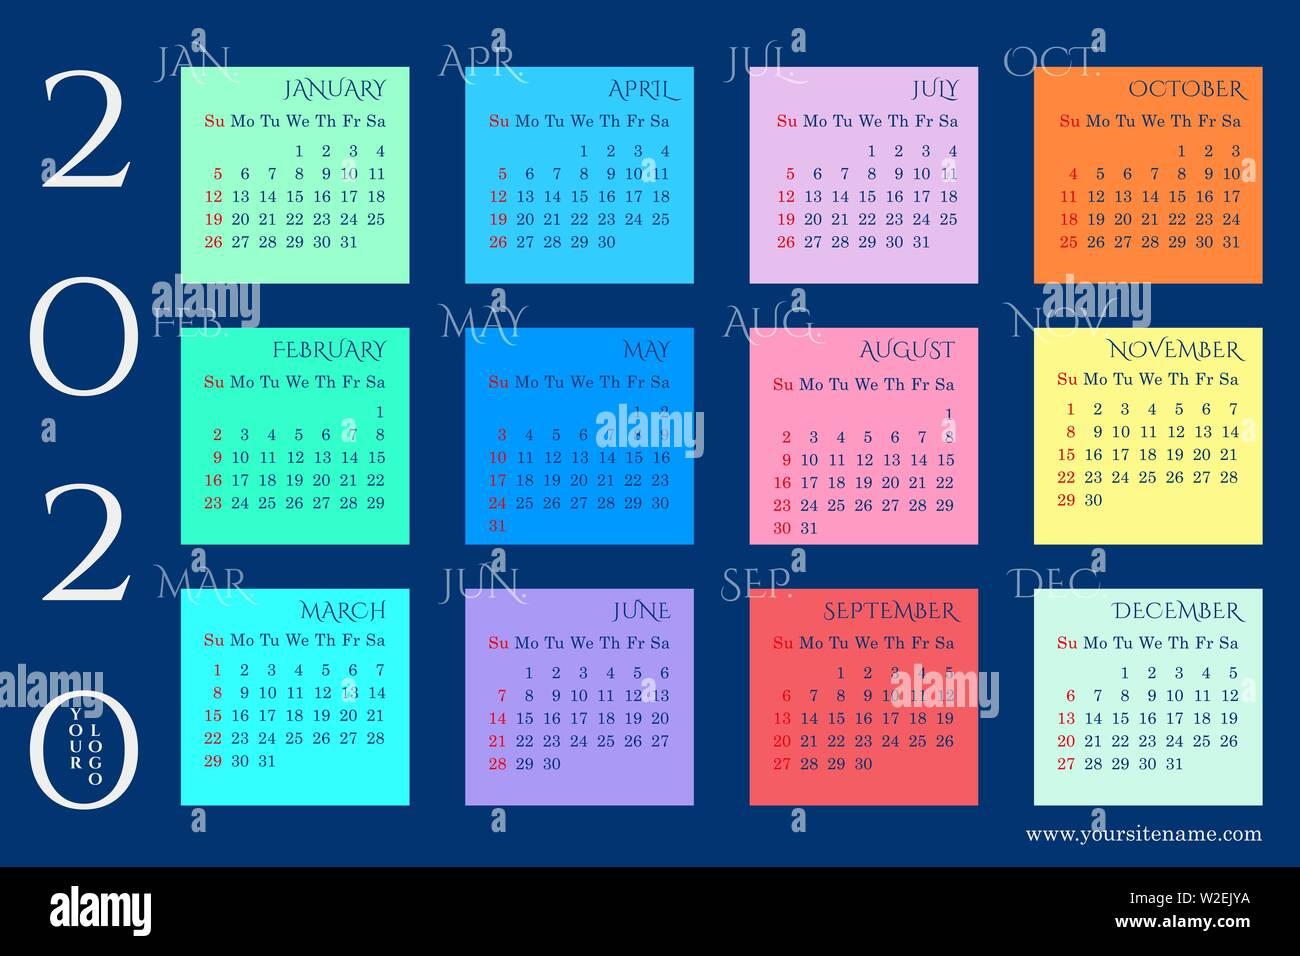 Calendario Rainbow.Rainbow Calendario De Pared De 2020 Con Bloques De Meses